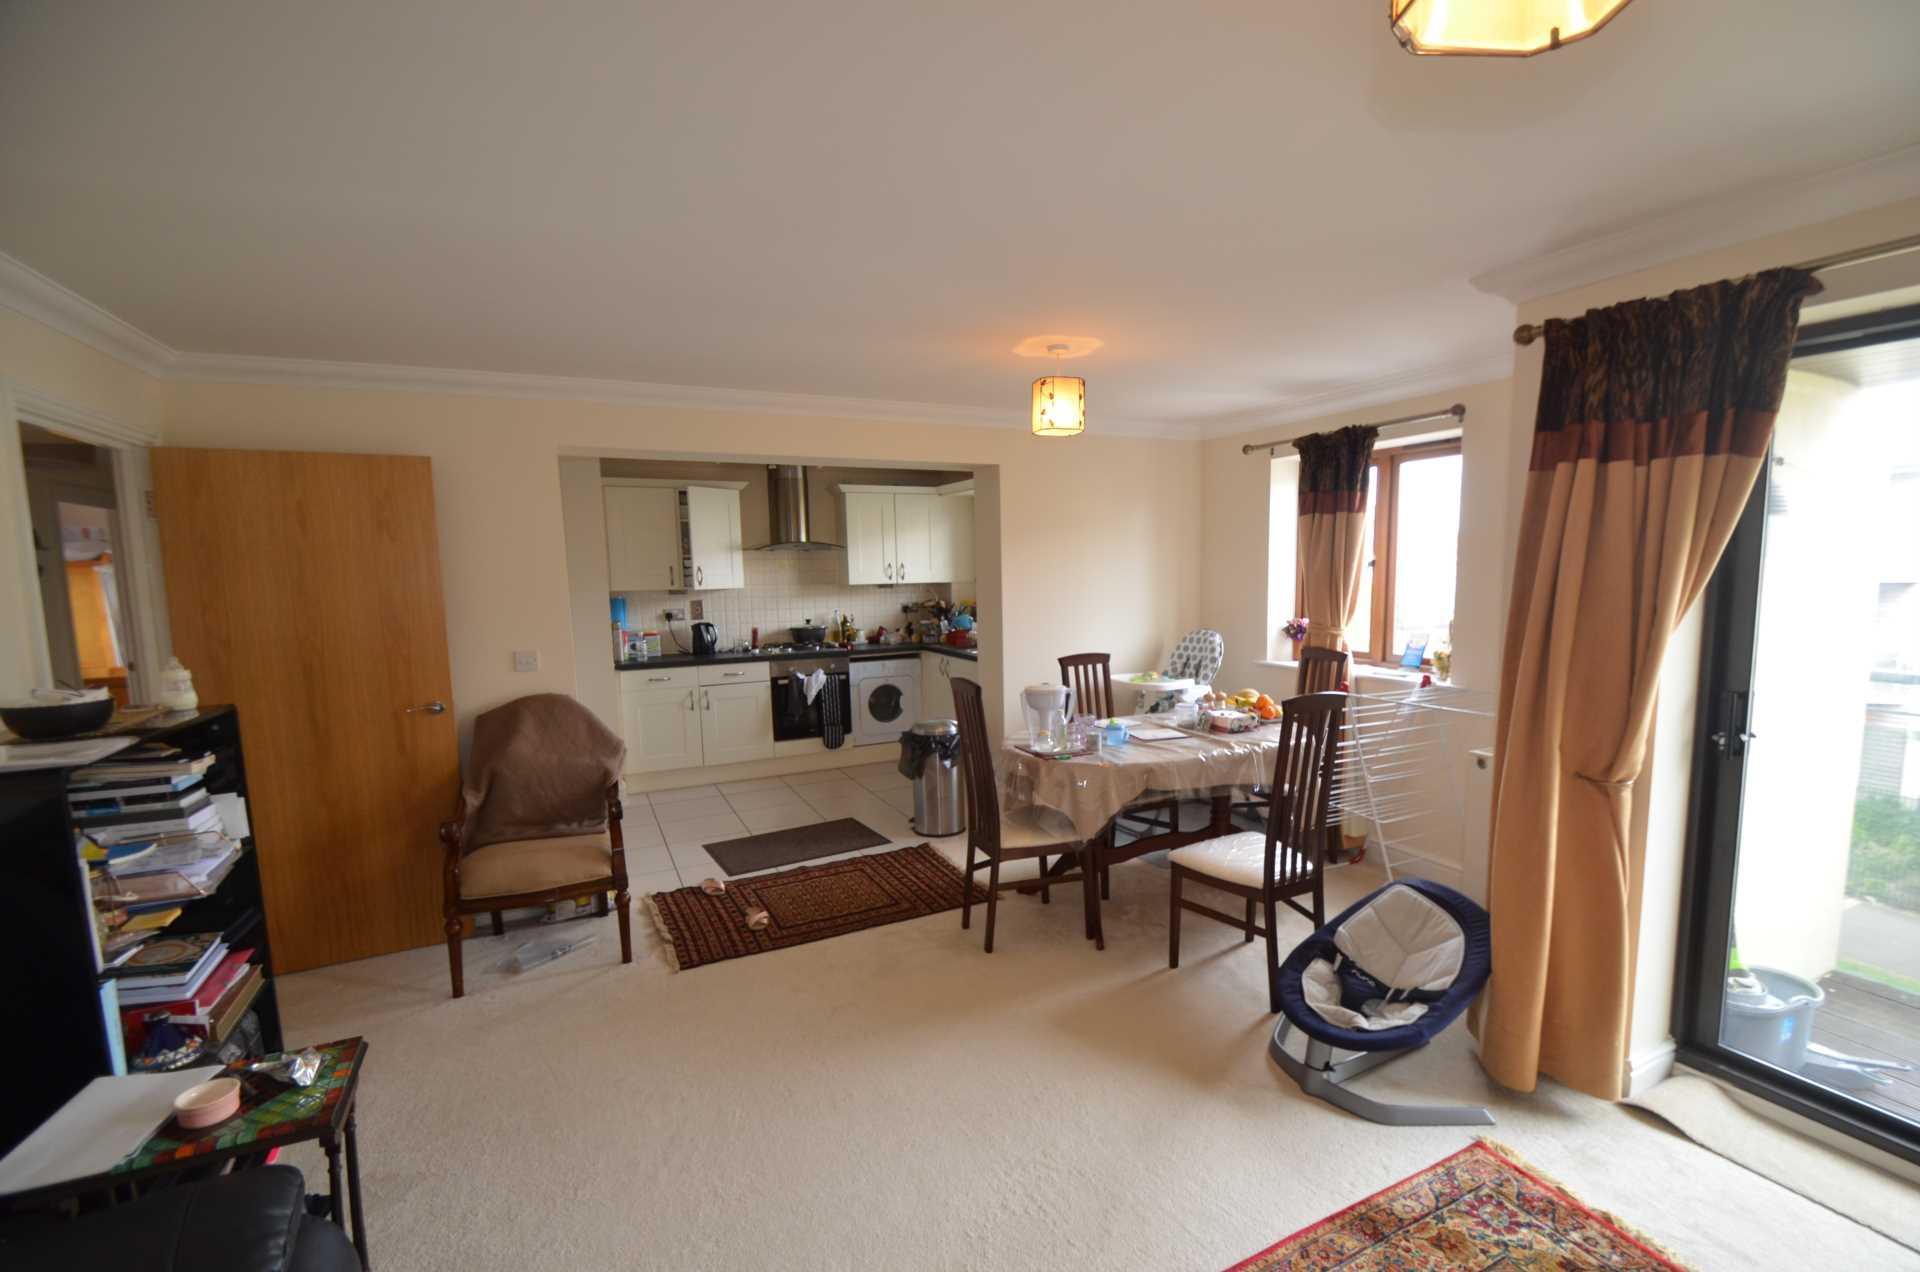 2 Bedroom Apartment For Sale Kelling Way Milton Keynes Mk10 9nw